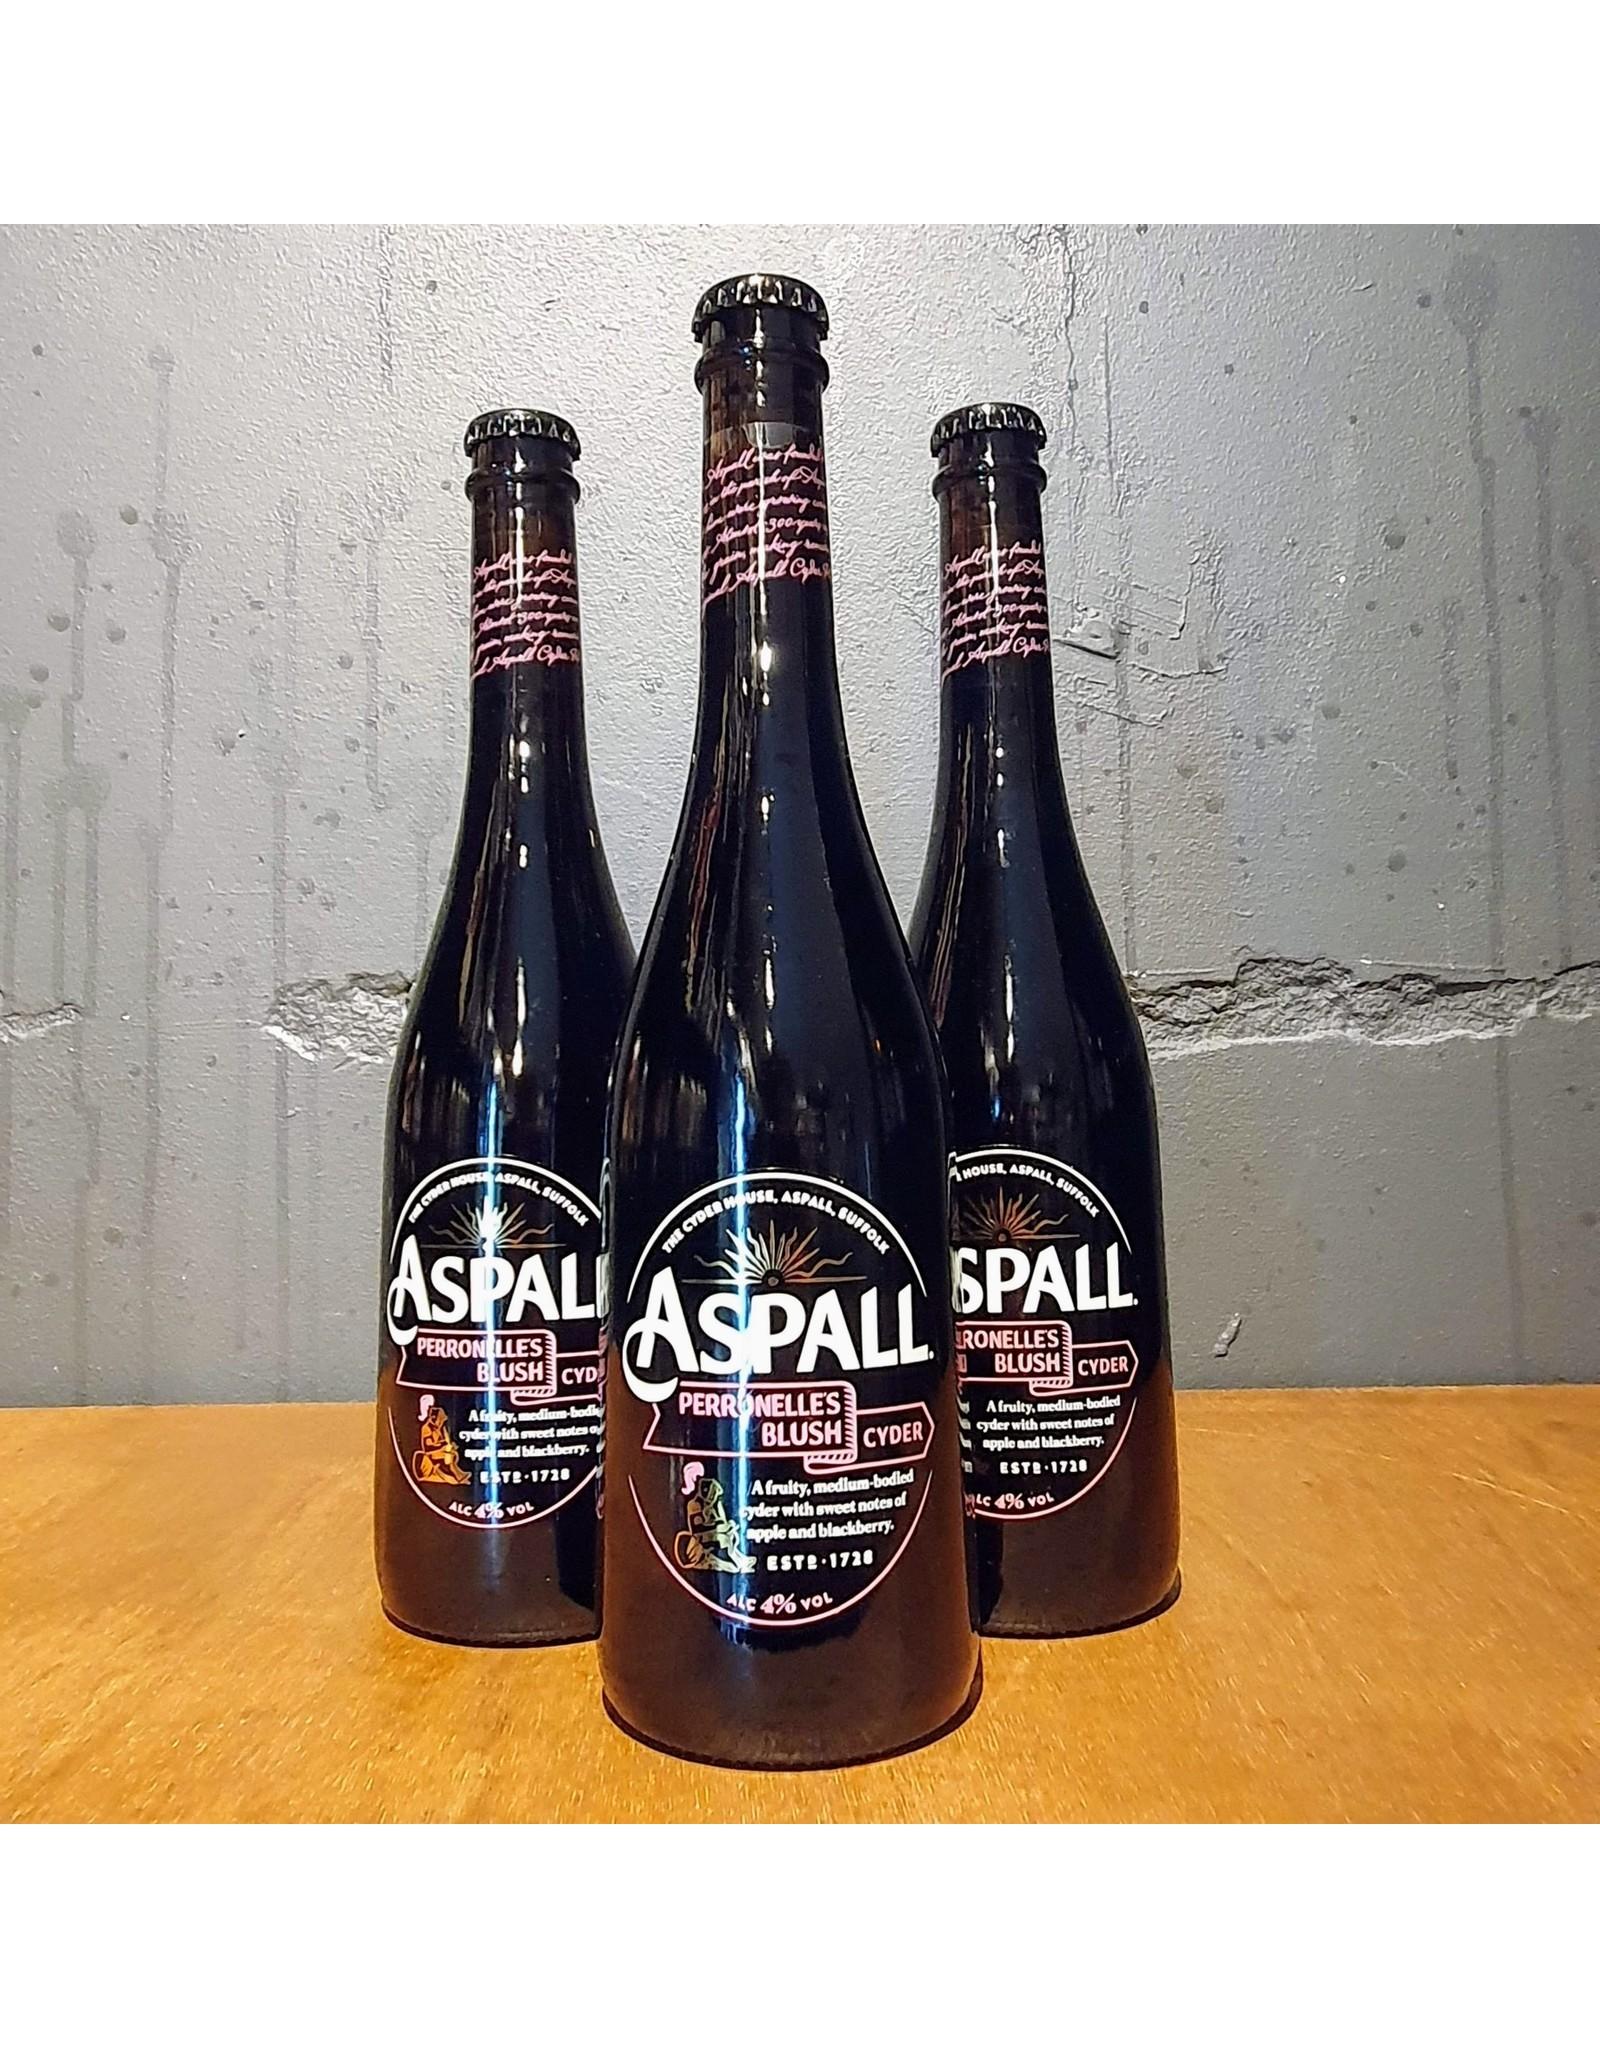 aspall Aspall Perronelle's Blush